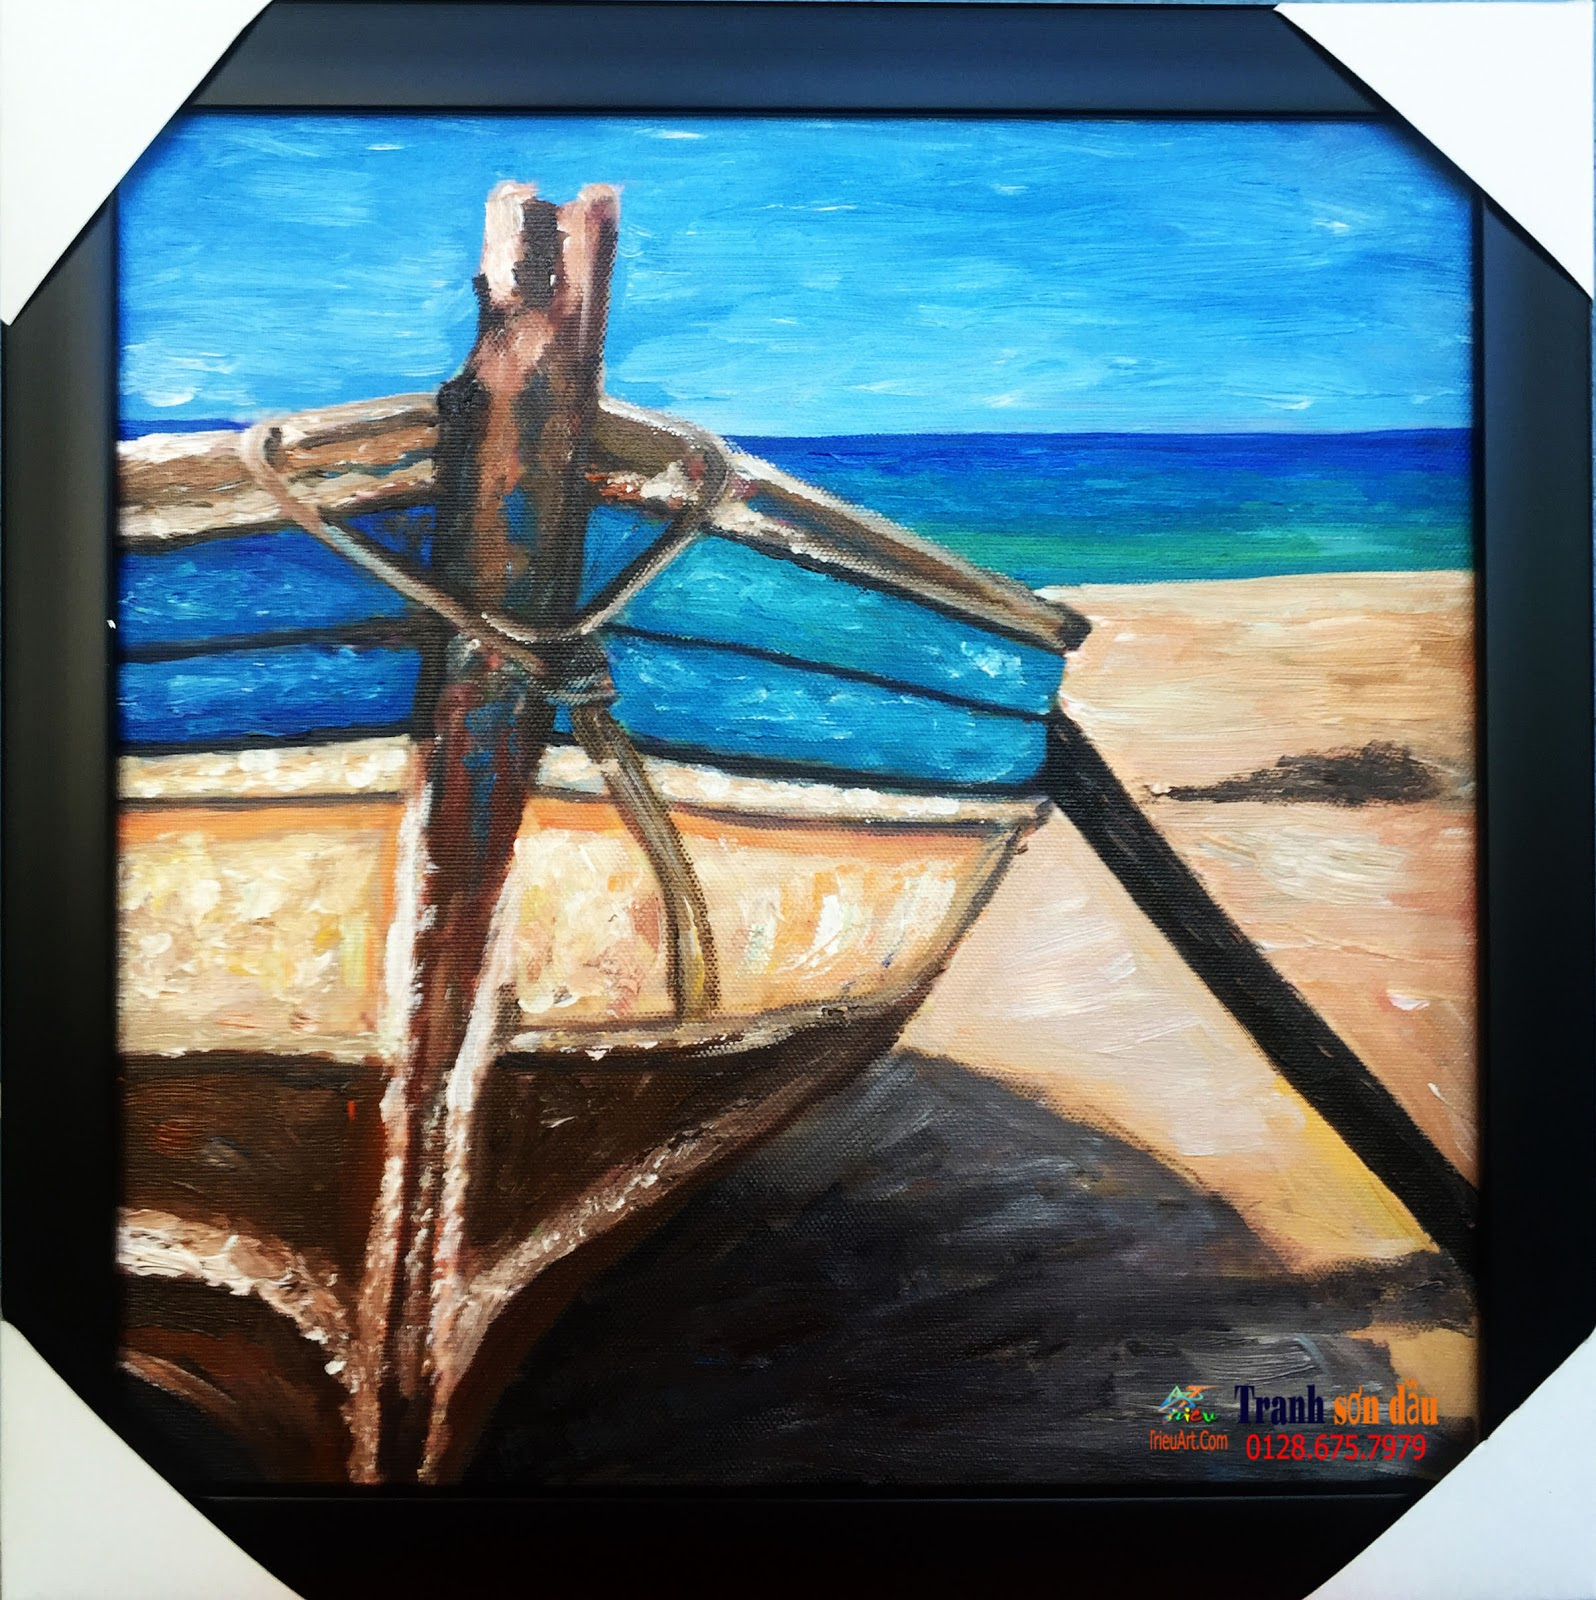 tranh sơn dầu nghệ thuật